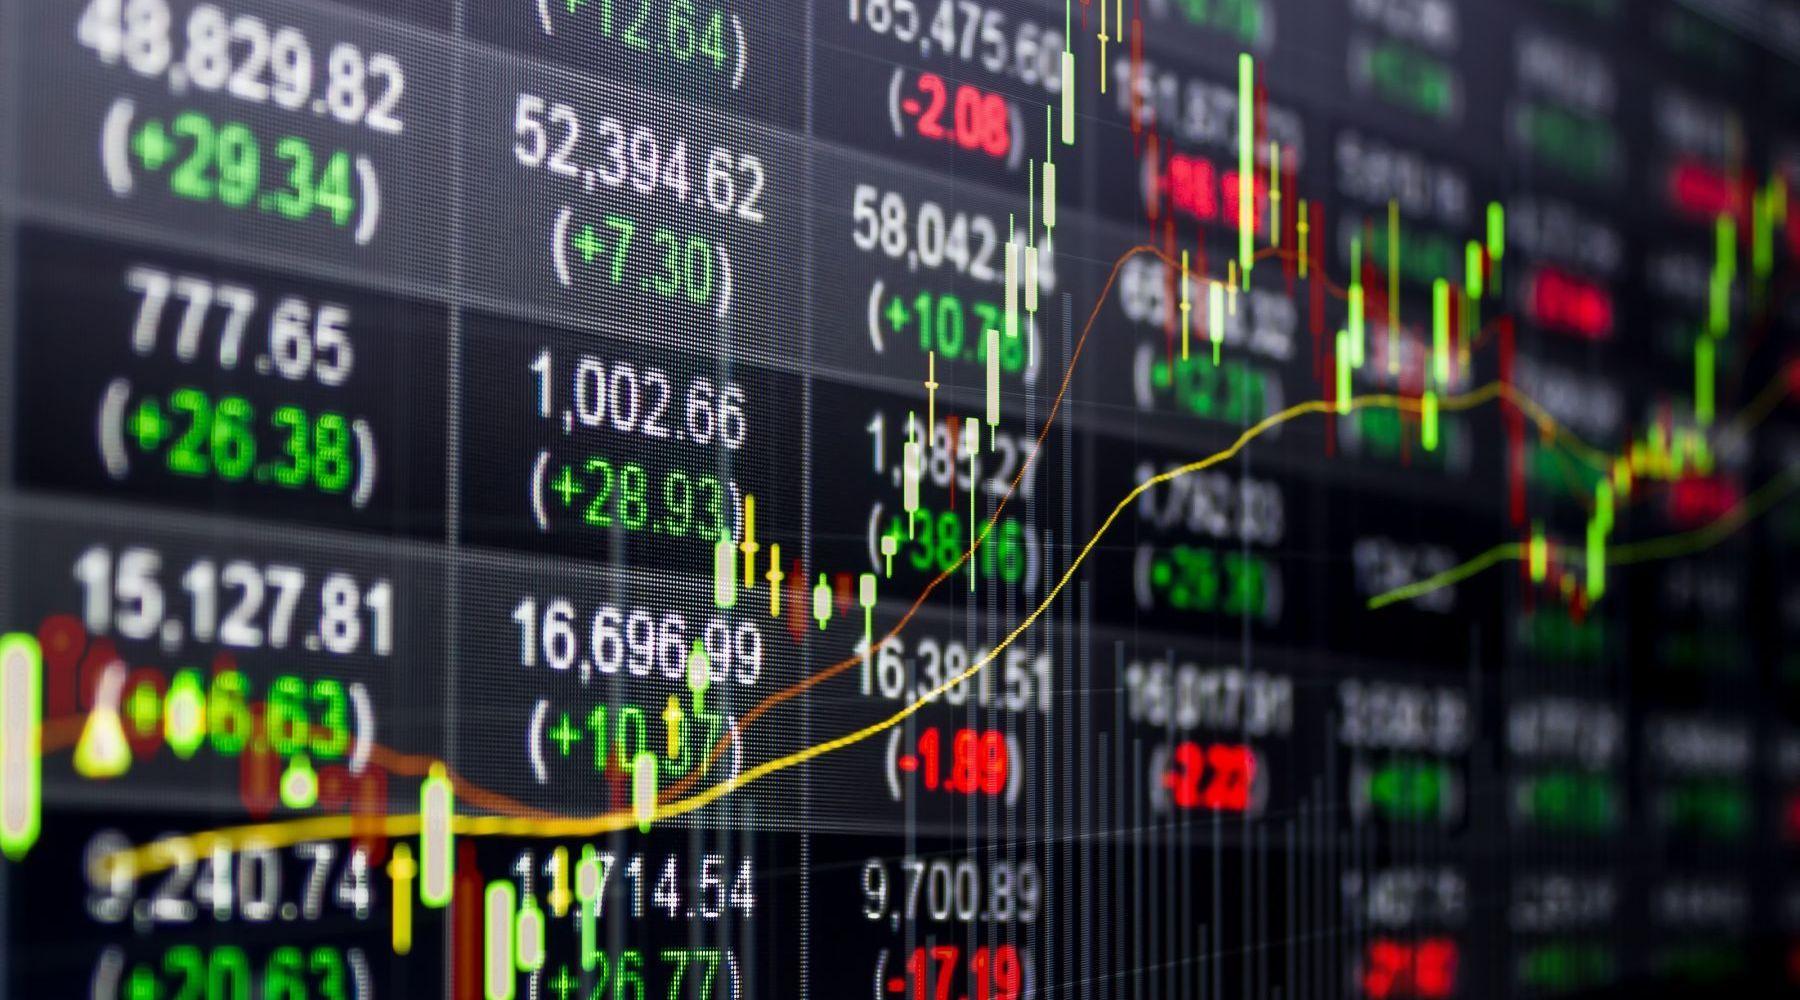 台股高檔整理 後市留意3大風險